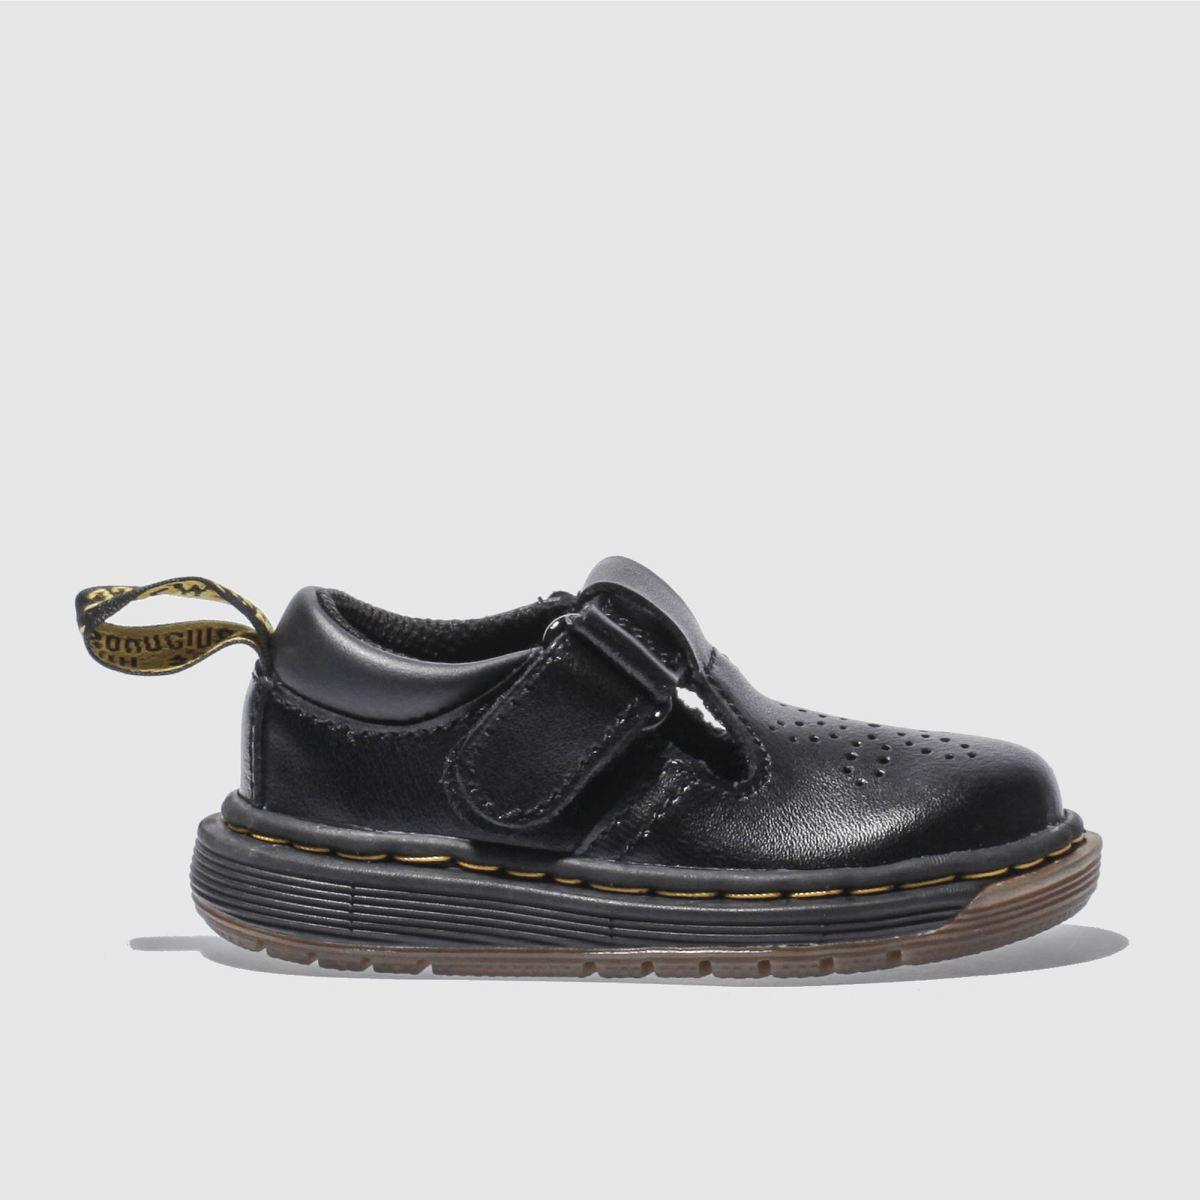 Dr Martens Black Dulice Toddler Shoes